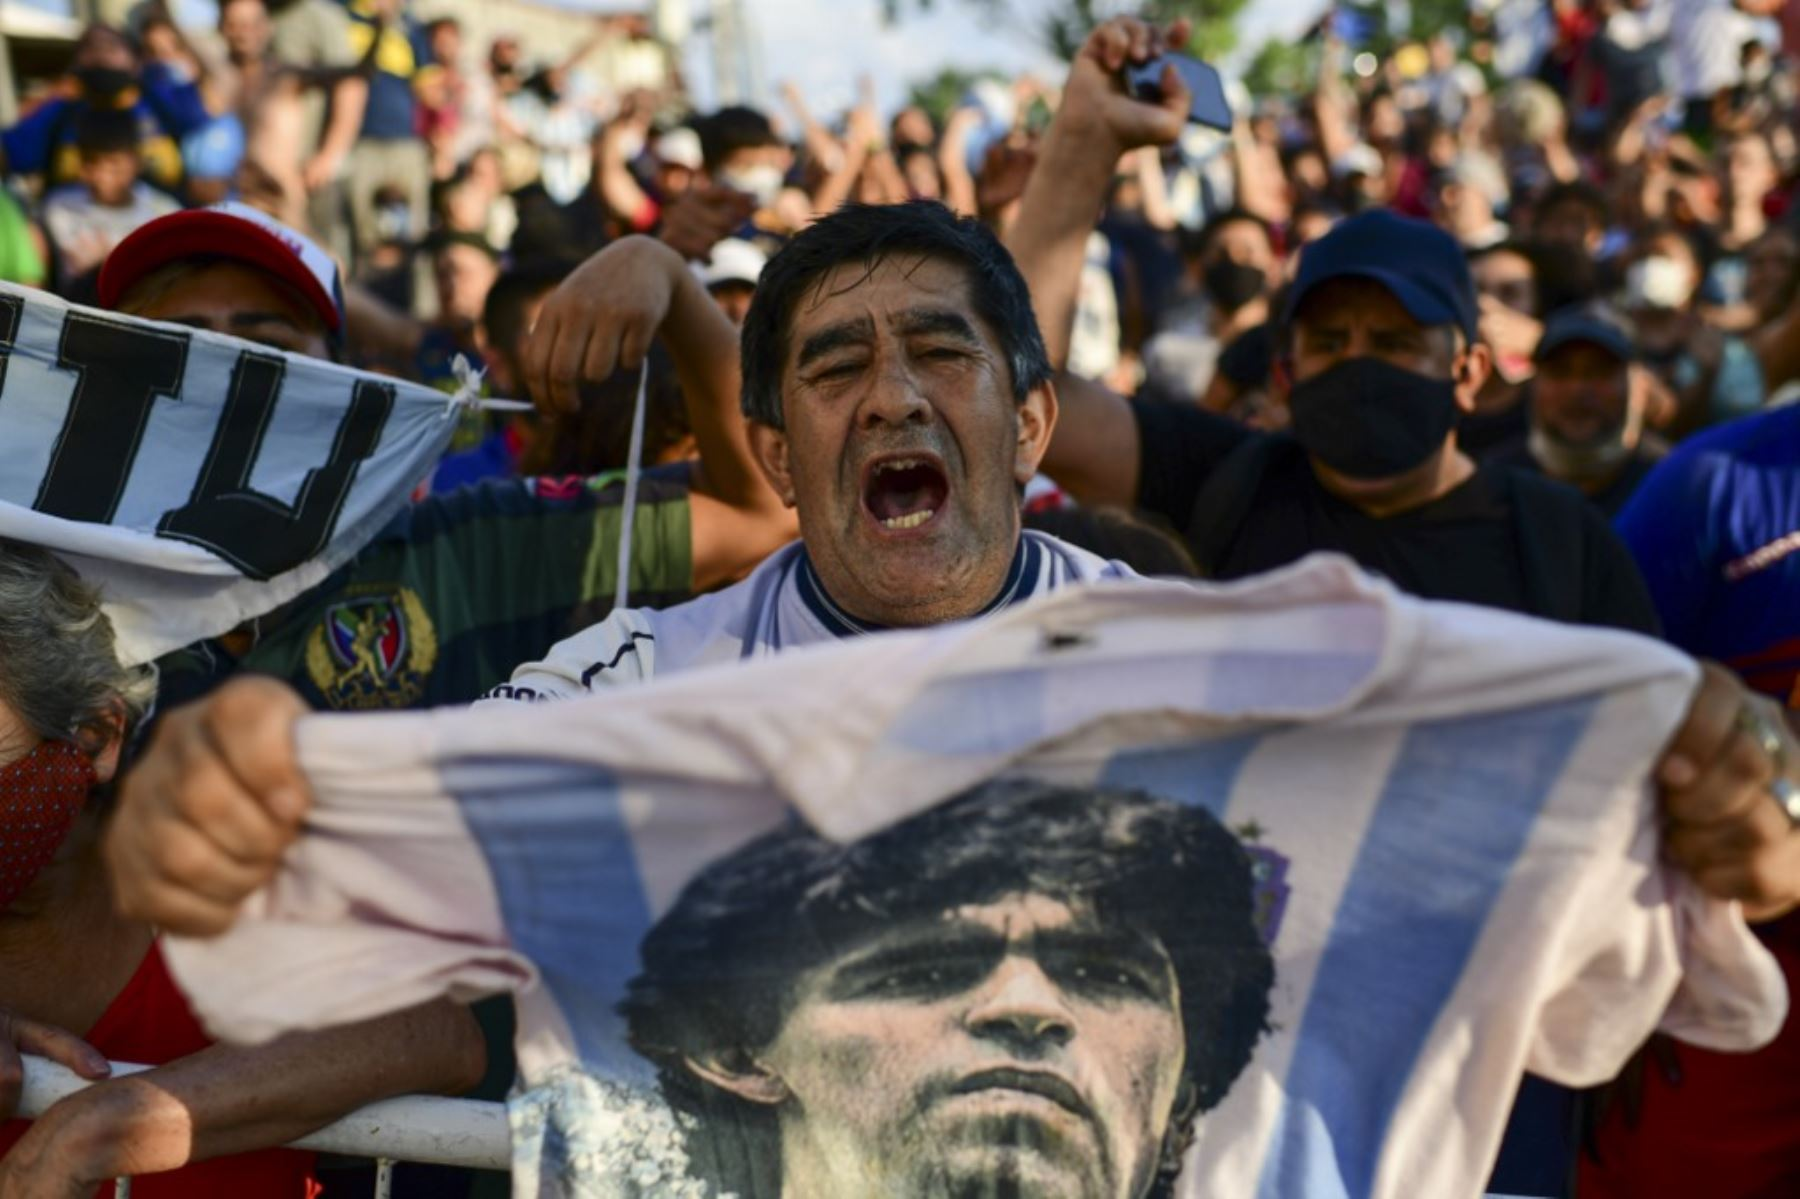 El pueblo argentino llora por la muerte de Diego Maradona.